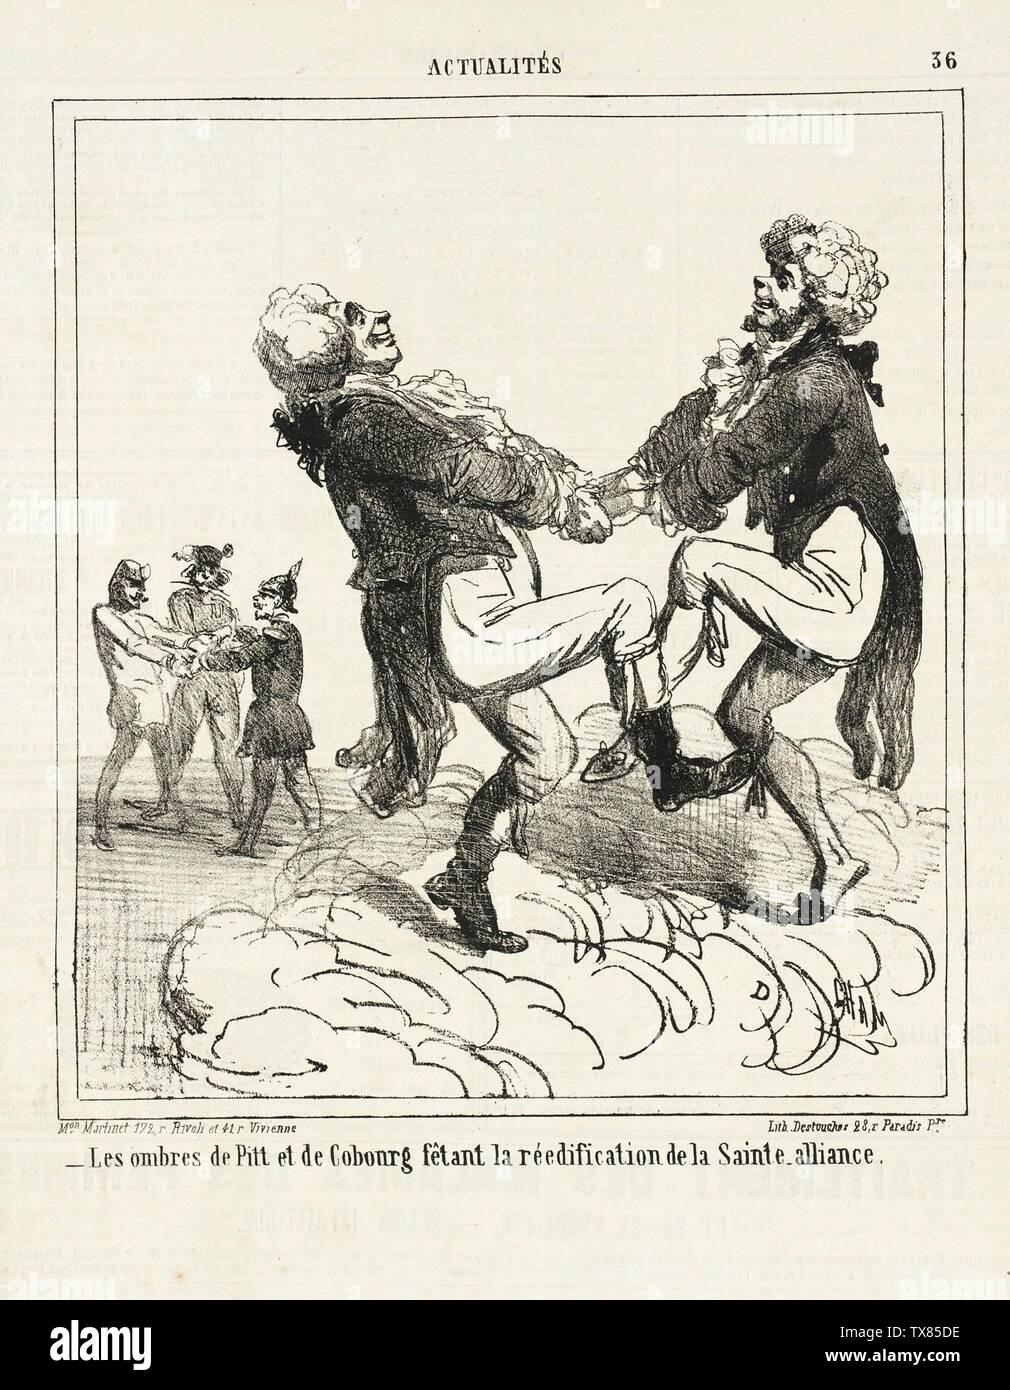 'Les ombres de Pitt et de Cobourg fêtant la réedification de le Sainte-alliance.; English:  France, 1864 Series: Actualités Periodical: Le Charviari, Monday, 7 March 1864 Prints; lithographs Lithograph Gift of George Longstreet (M.76.132.106) Prints and Drawings; 1864date QS:P571,+1864-00-00T00:00:00Z/9; ' - Stock Image